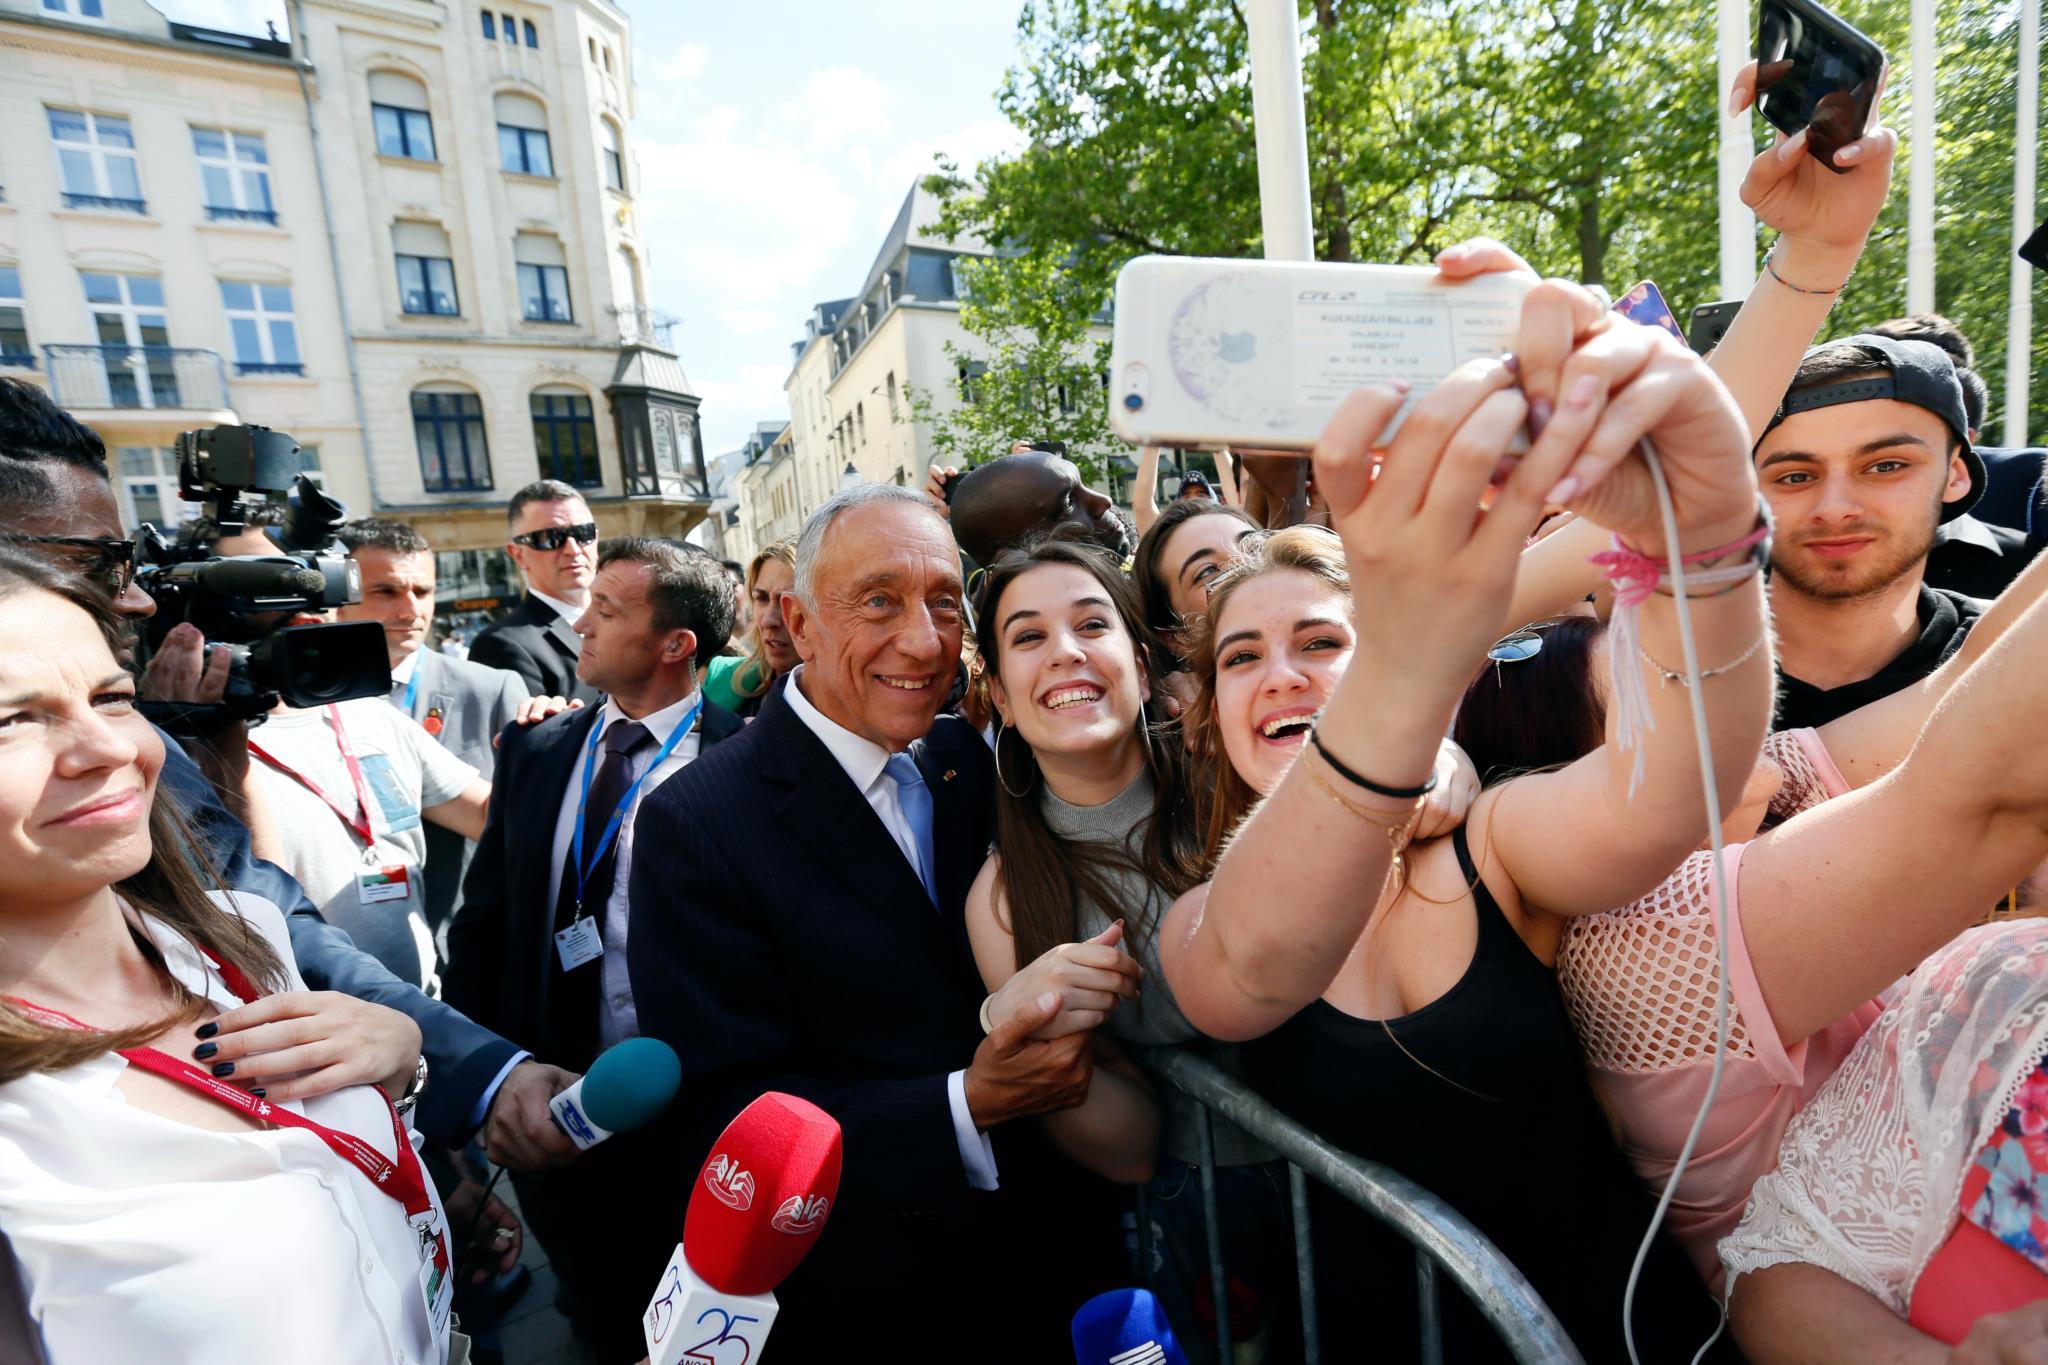 PÚBLICO - Os portugueses saíram à rua no Luxemburgo para ver Marcelo passar